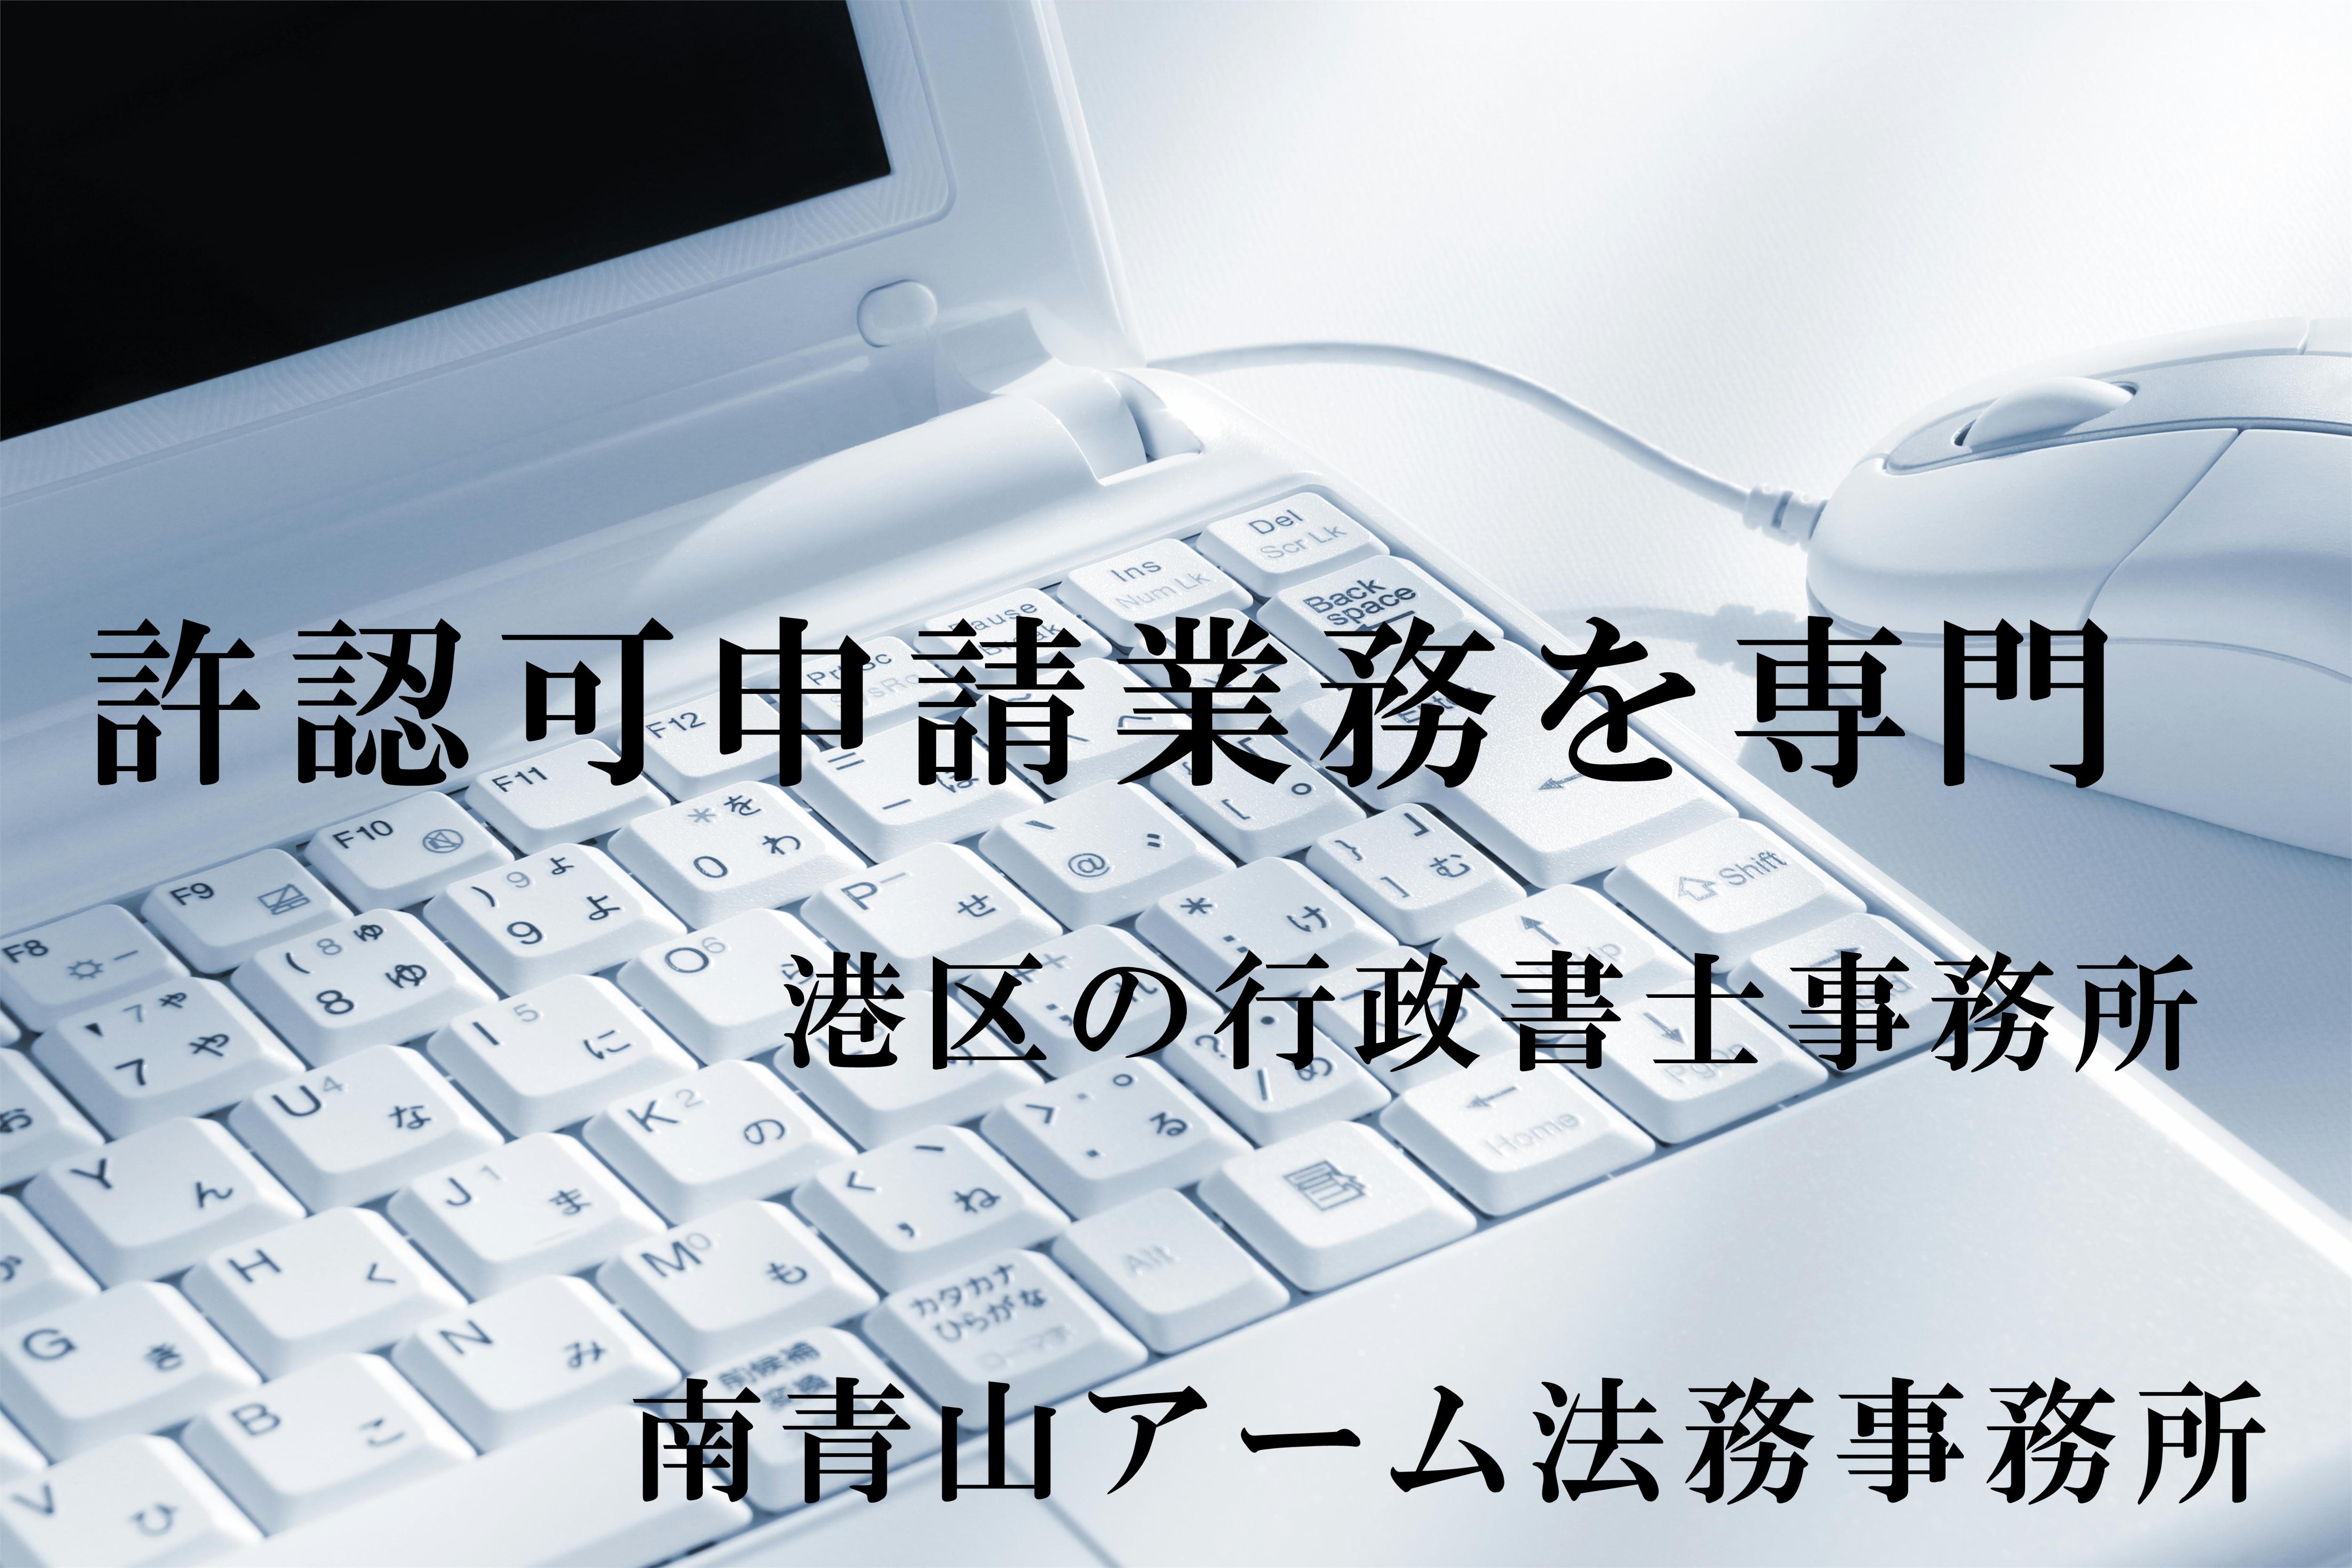 東京都港区行政書士事務所南青山アーム法務事務所